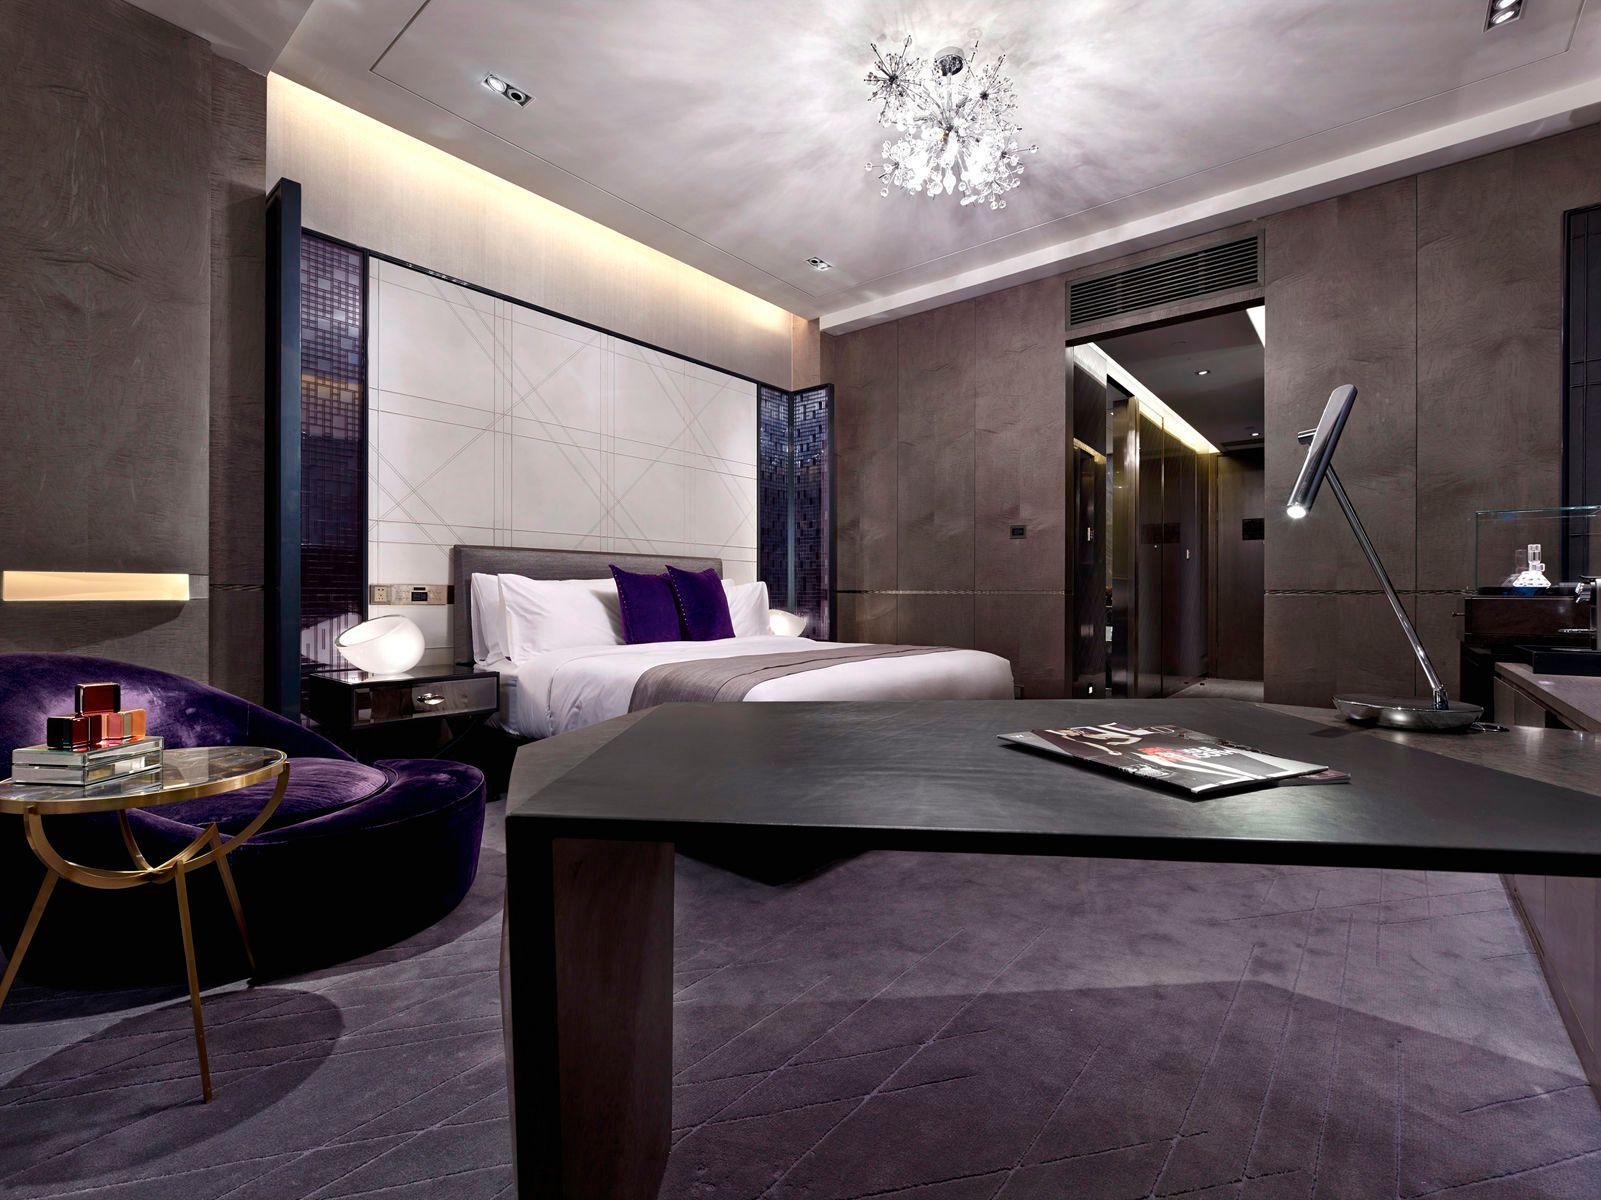 W Hotel Guangzhou, China